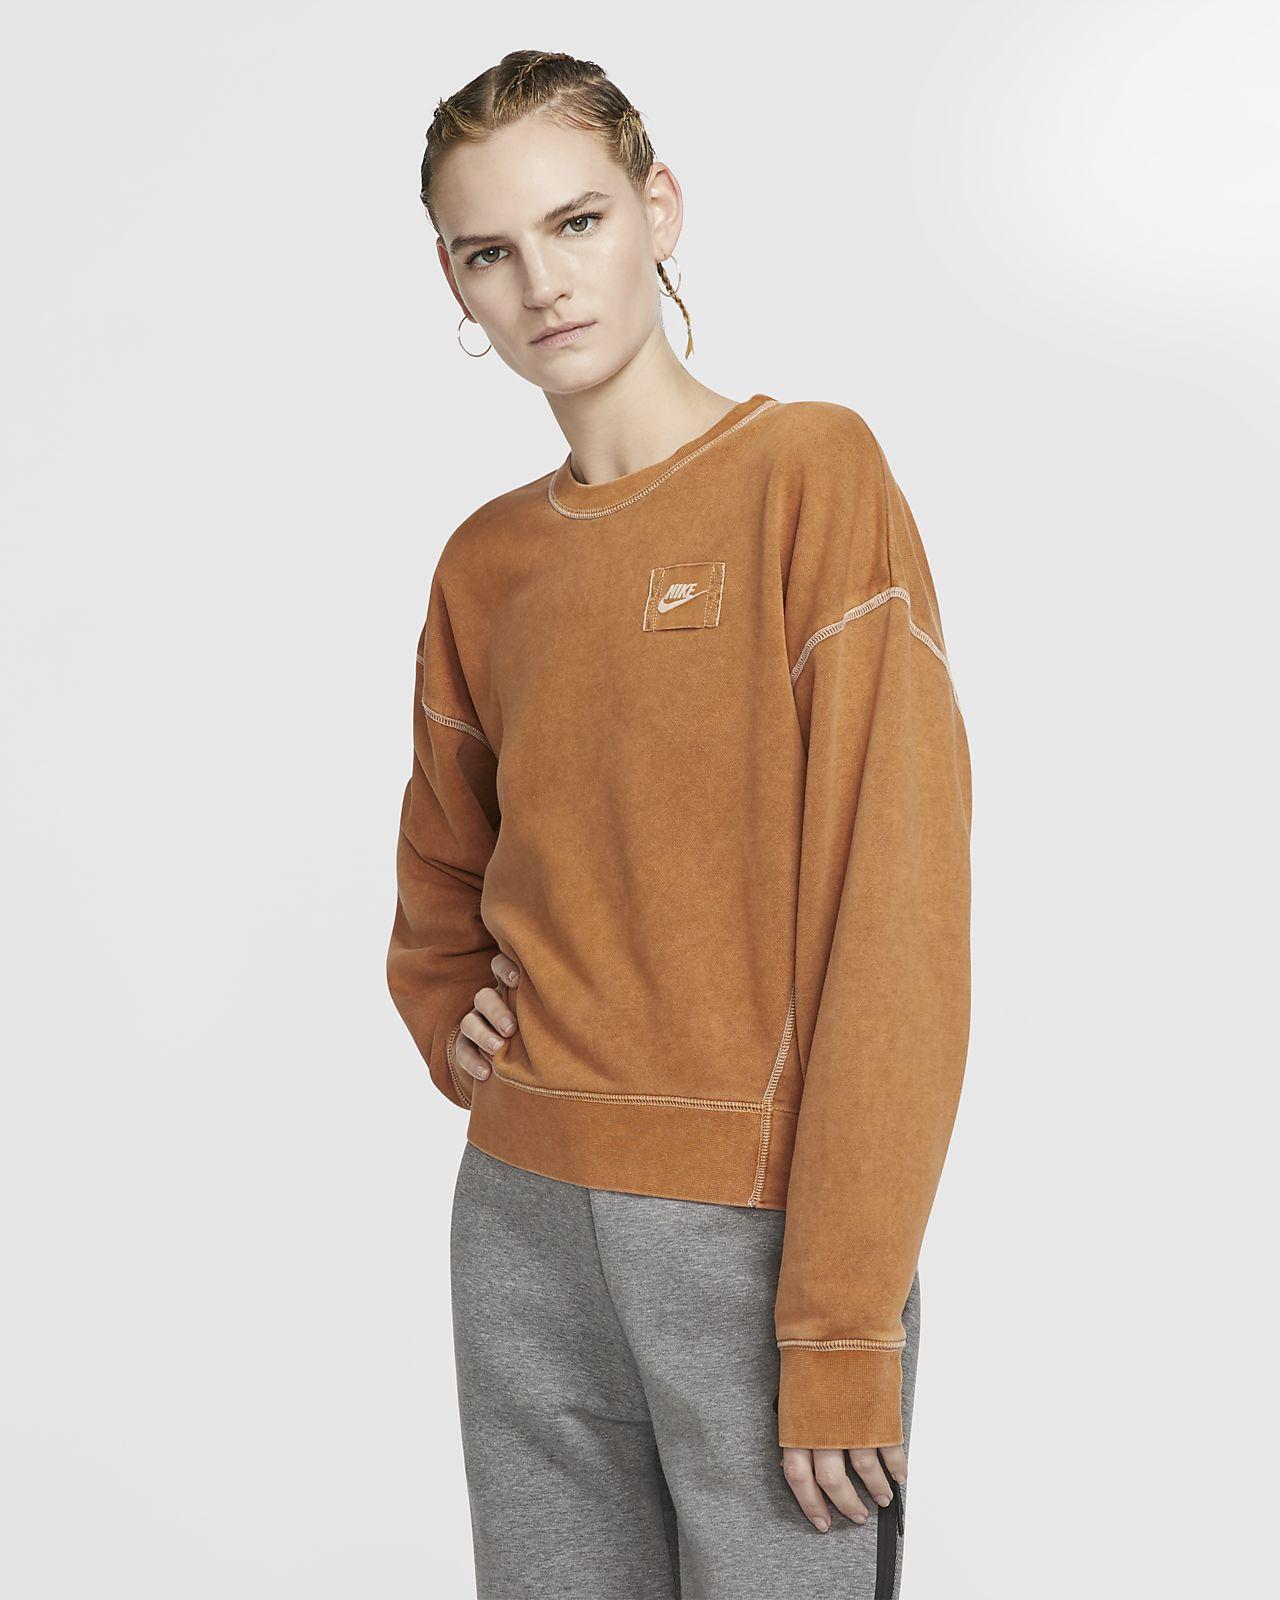 Γυναικεία μπλούζα από ύφασμα French Terry Nike Sportswear